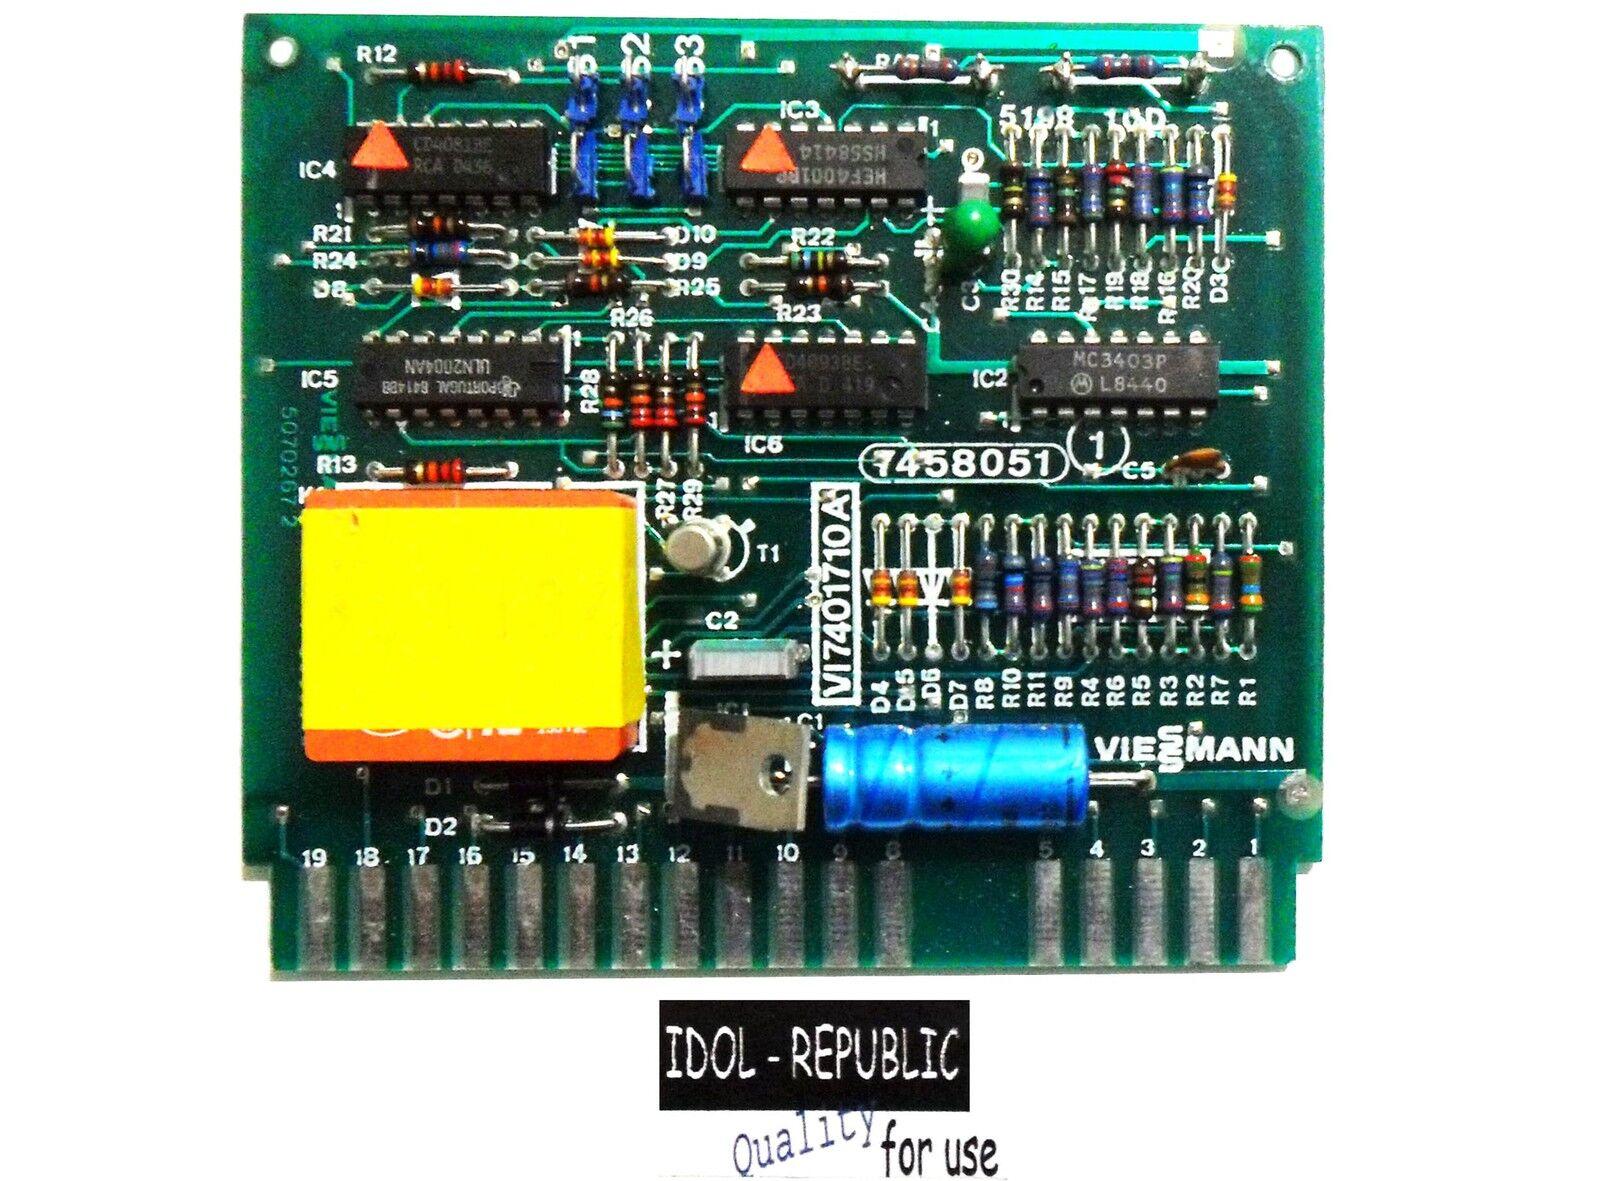 Viessmann ZK2/M-A Platine 7401710A - 7458 051 - Tetramatik - 7401710 A - 7458051